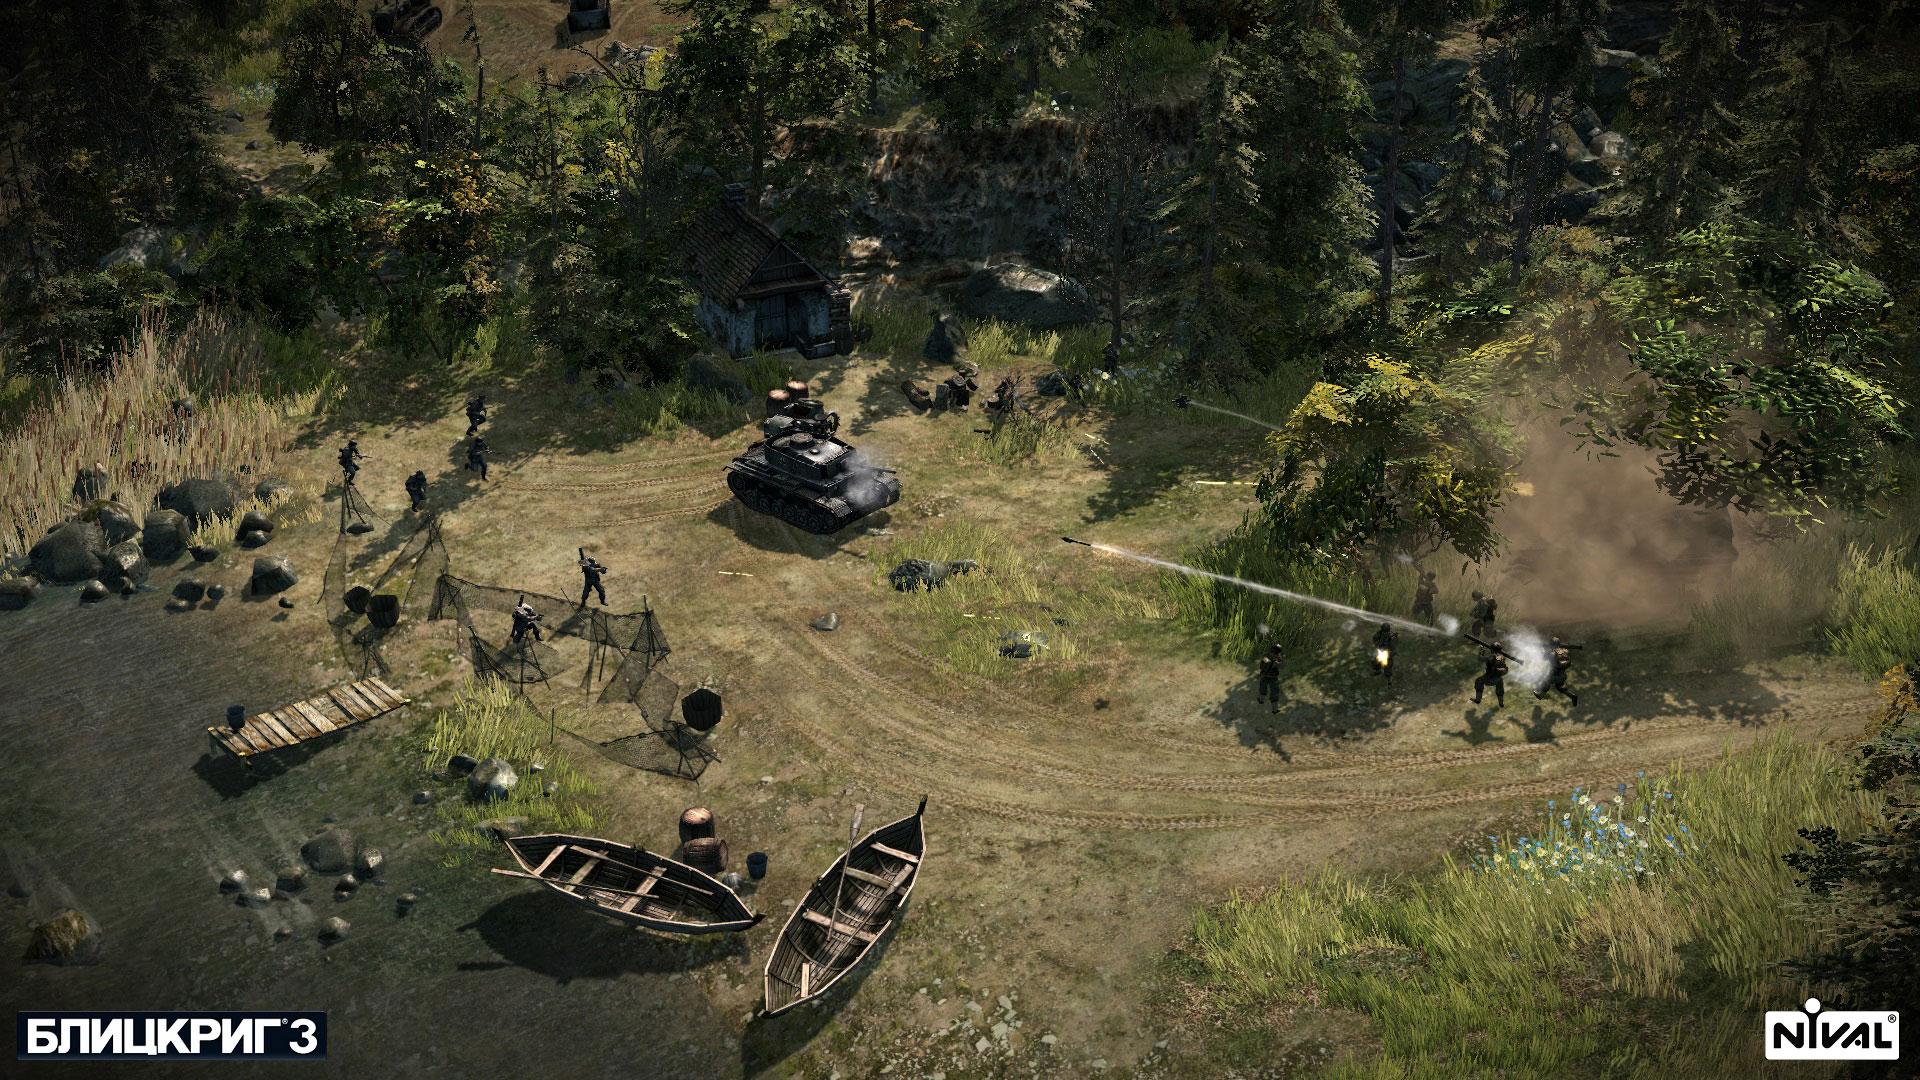 Блицкриг 3» – скриншоты, картинки и фото из игры «блицкриг 3» | канобу.